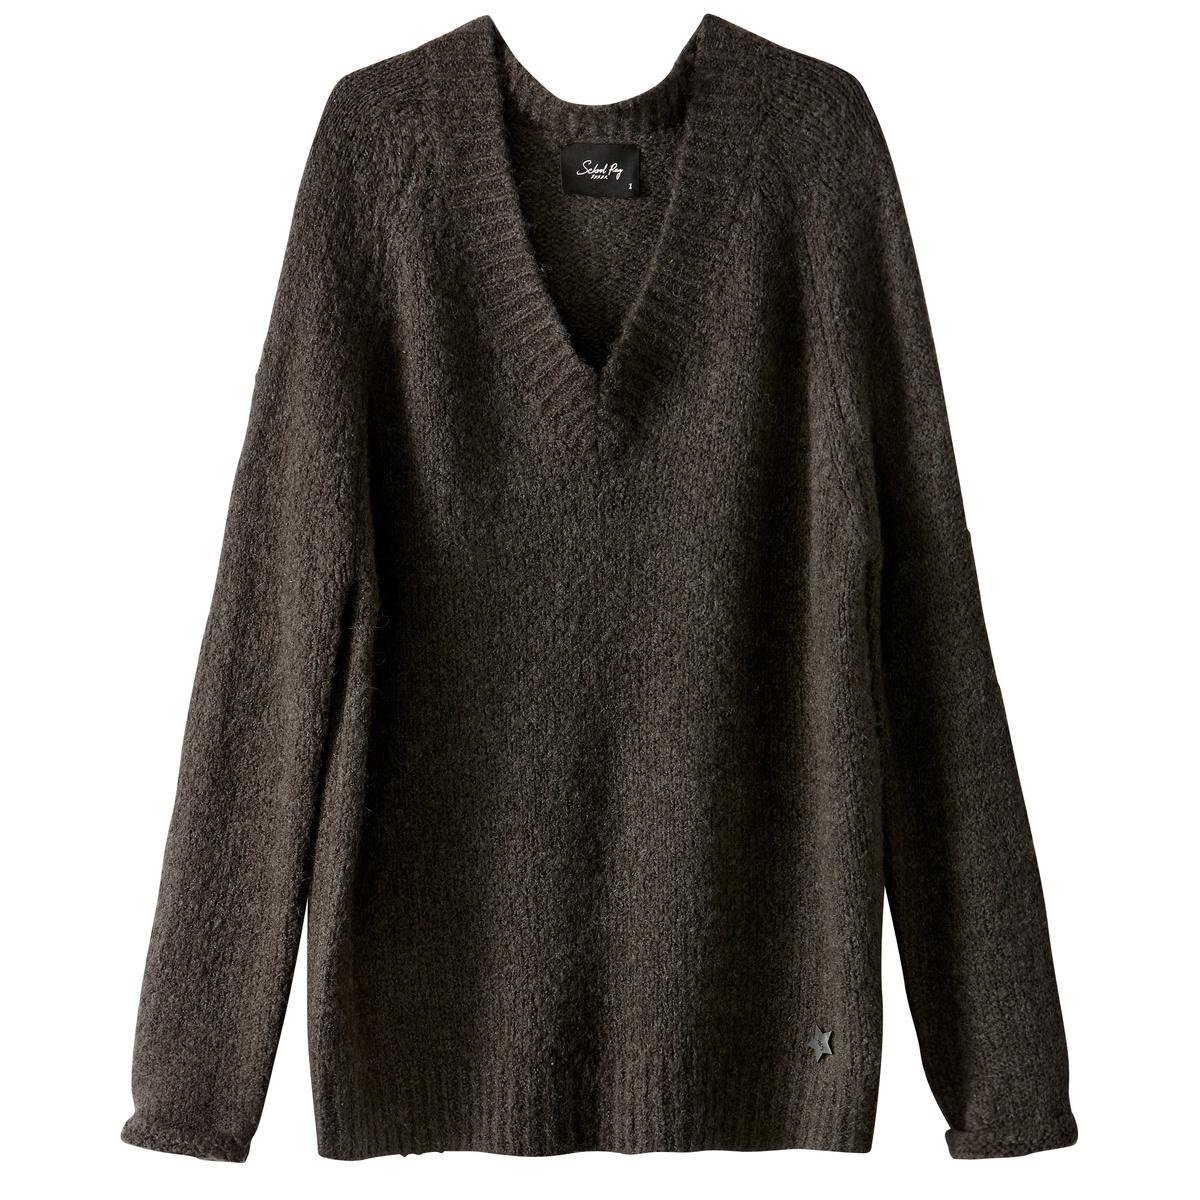 Пуловер из плотного трикотажа с V-образным вырезомОписание:Детали •  Длинные рукава •   V-образный вырез •  Плотный трикотаж Состав и уход •  8% шерсти, 69% акрила, 3% эластана, 20% полиамида •  Следуйте советам по уходу, указанным на этикетке<br><br>Цвет: серый<br>Размер: S